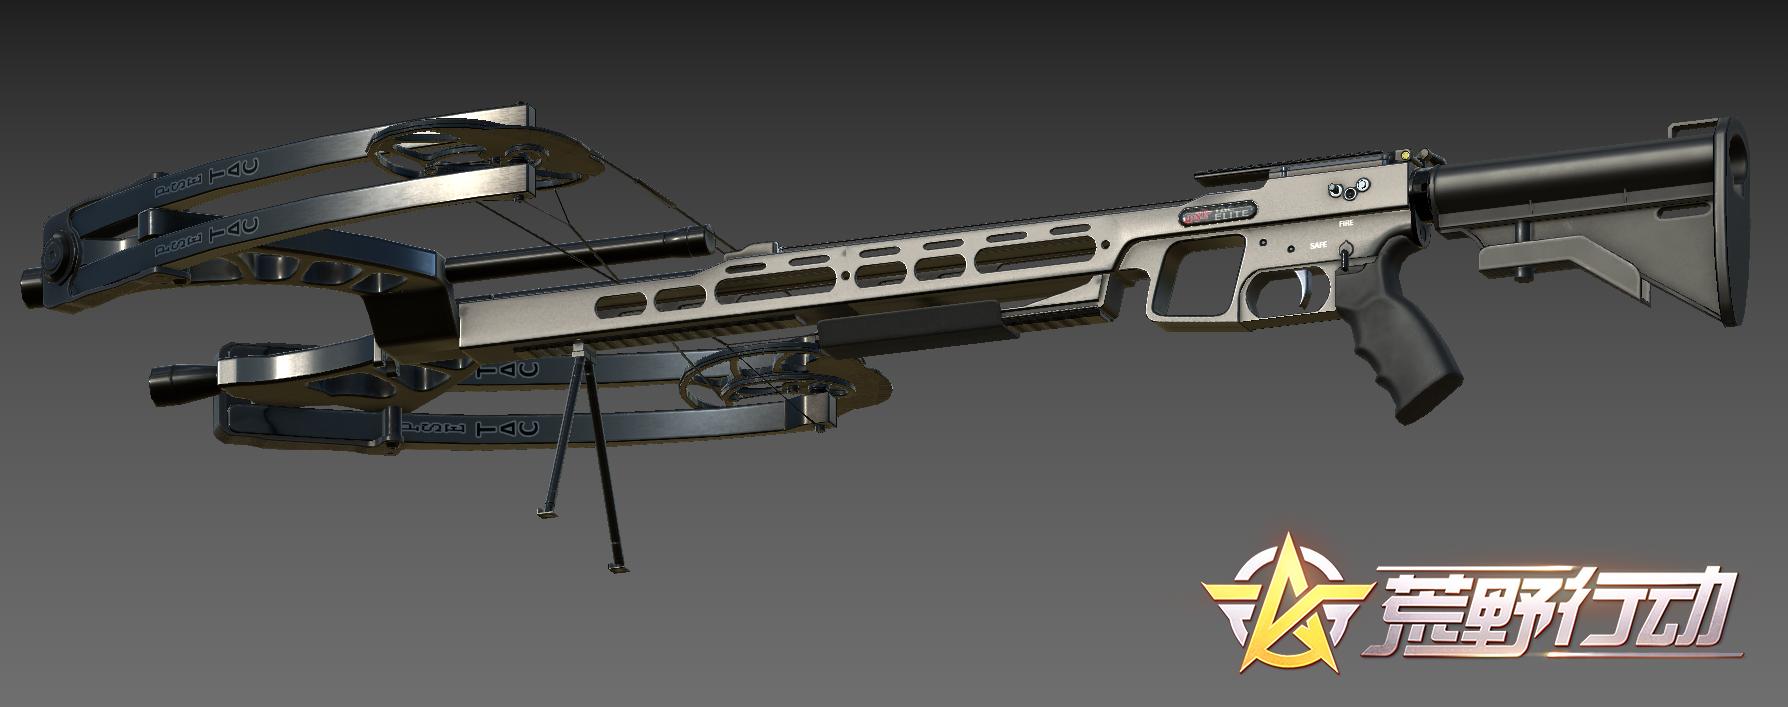 荒野行動 2/22アップデートで新武器クロスボウと2輪バイク追加